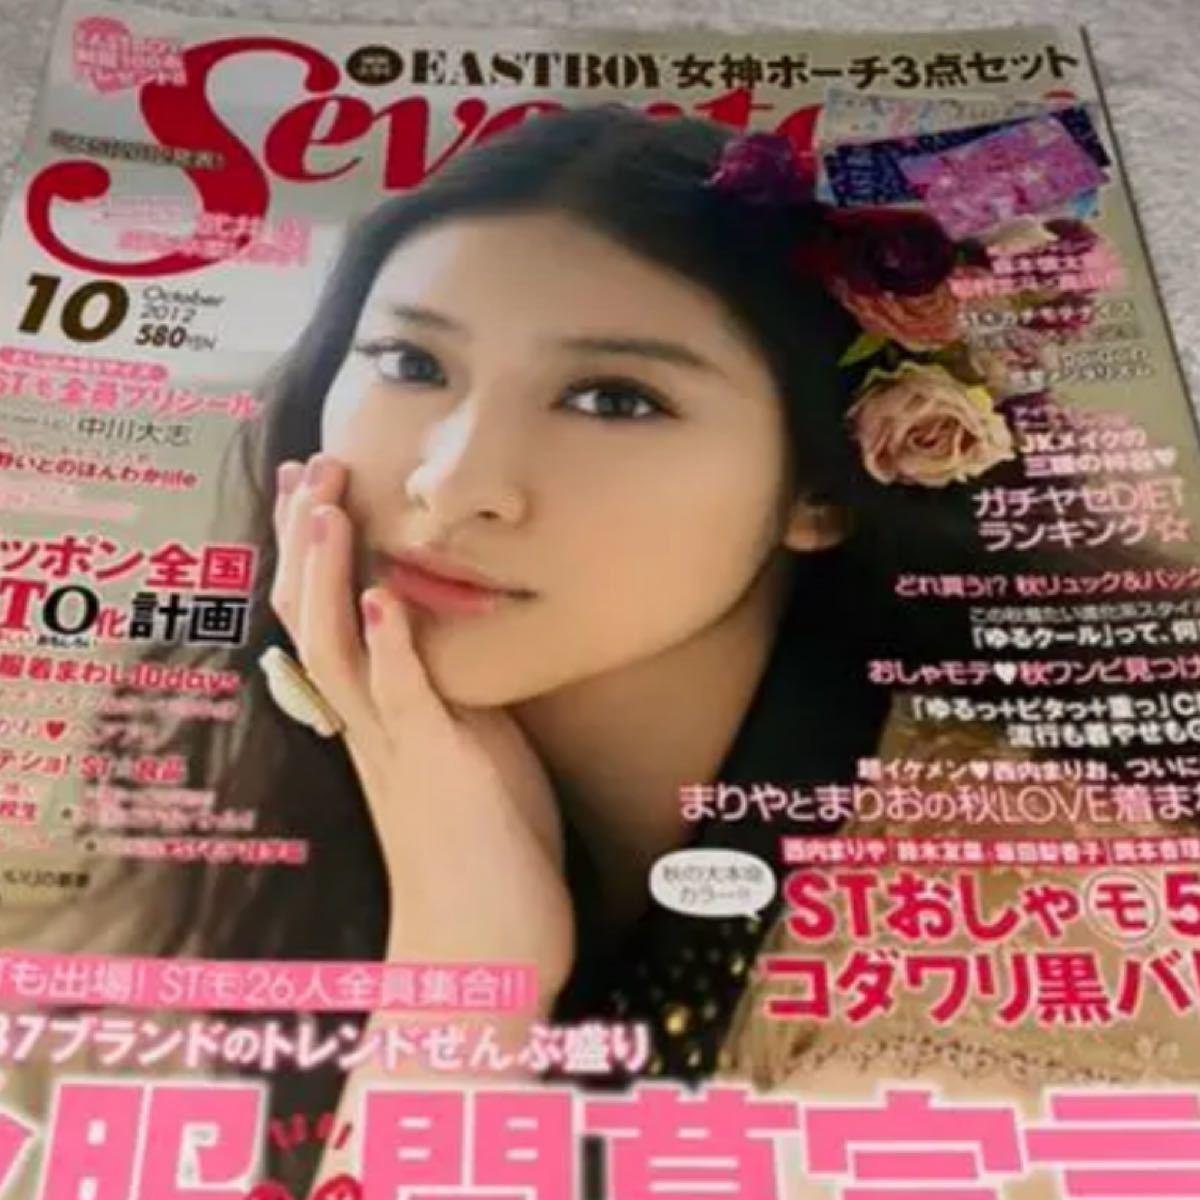 セブンティーン seventeen 2012年10月号